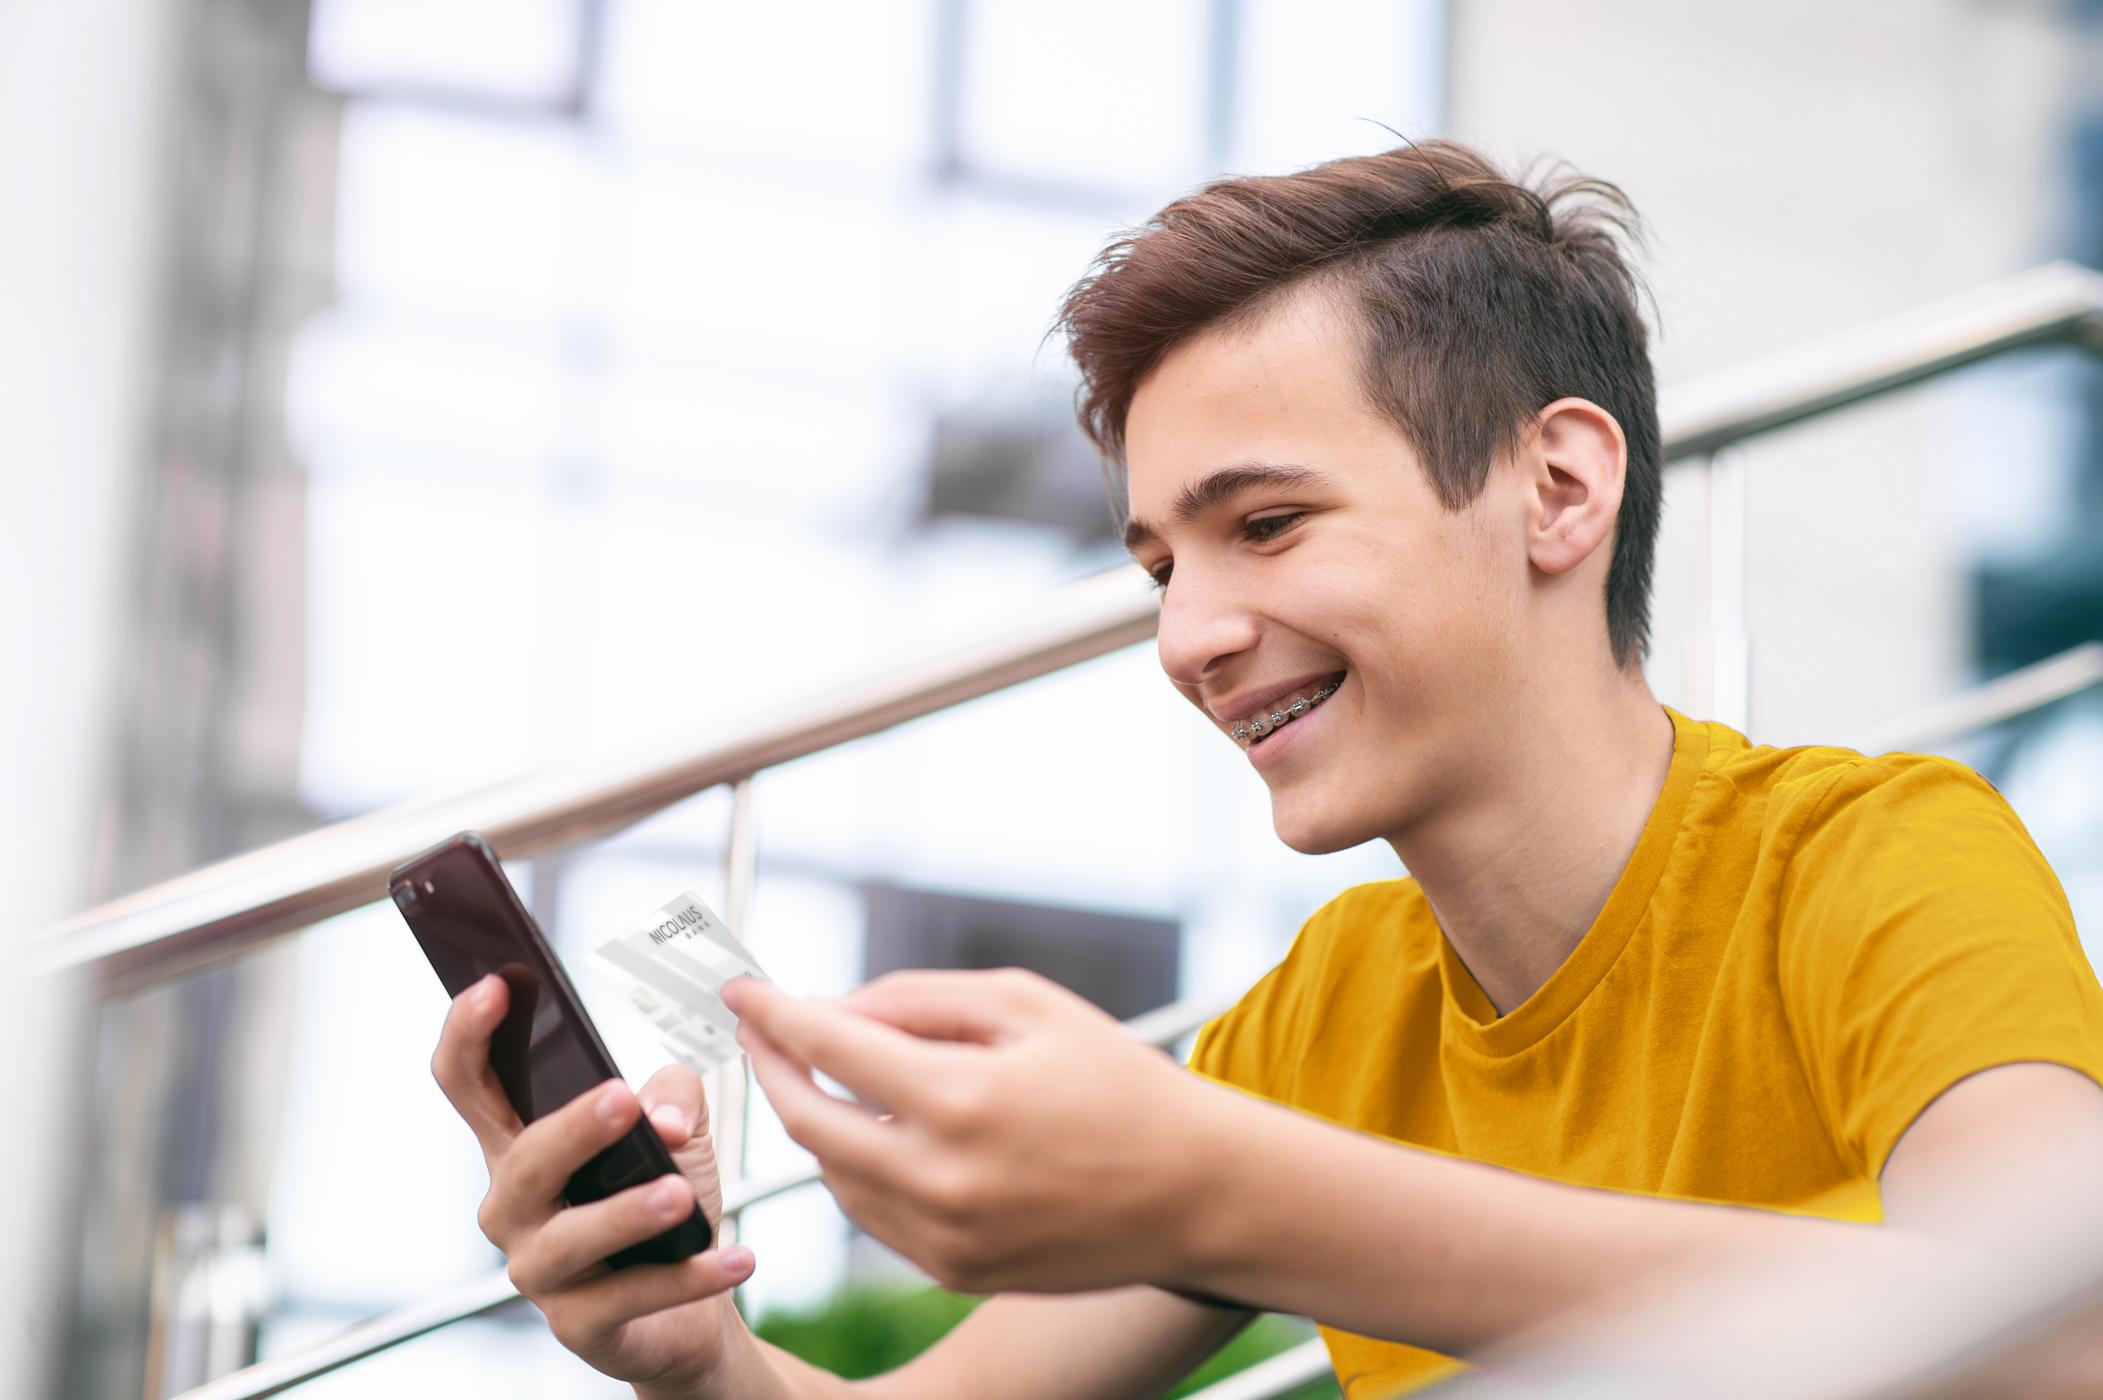 Konto Dla Młodych - konto wNicolaus Banku dla młodzieży wwieku 13-20 lat